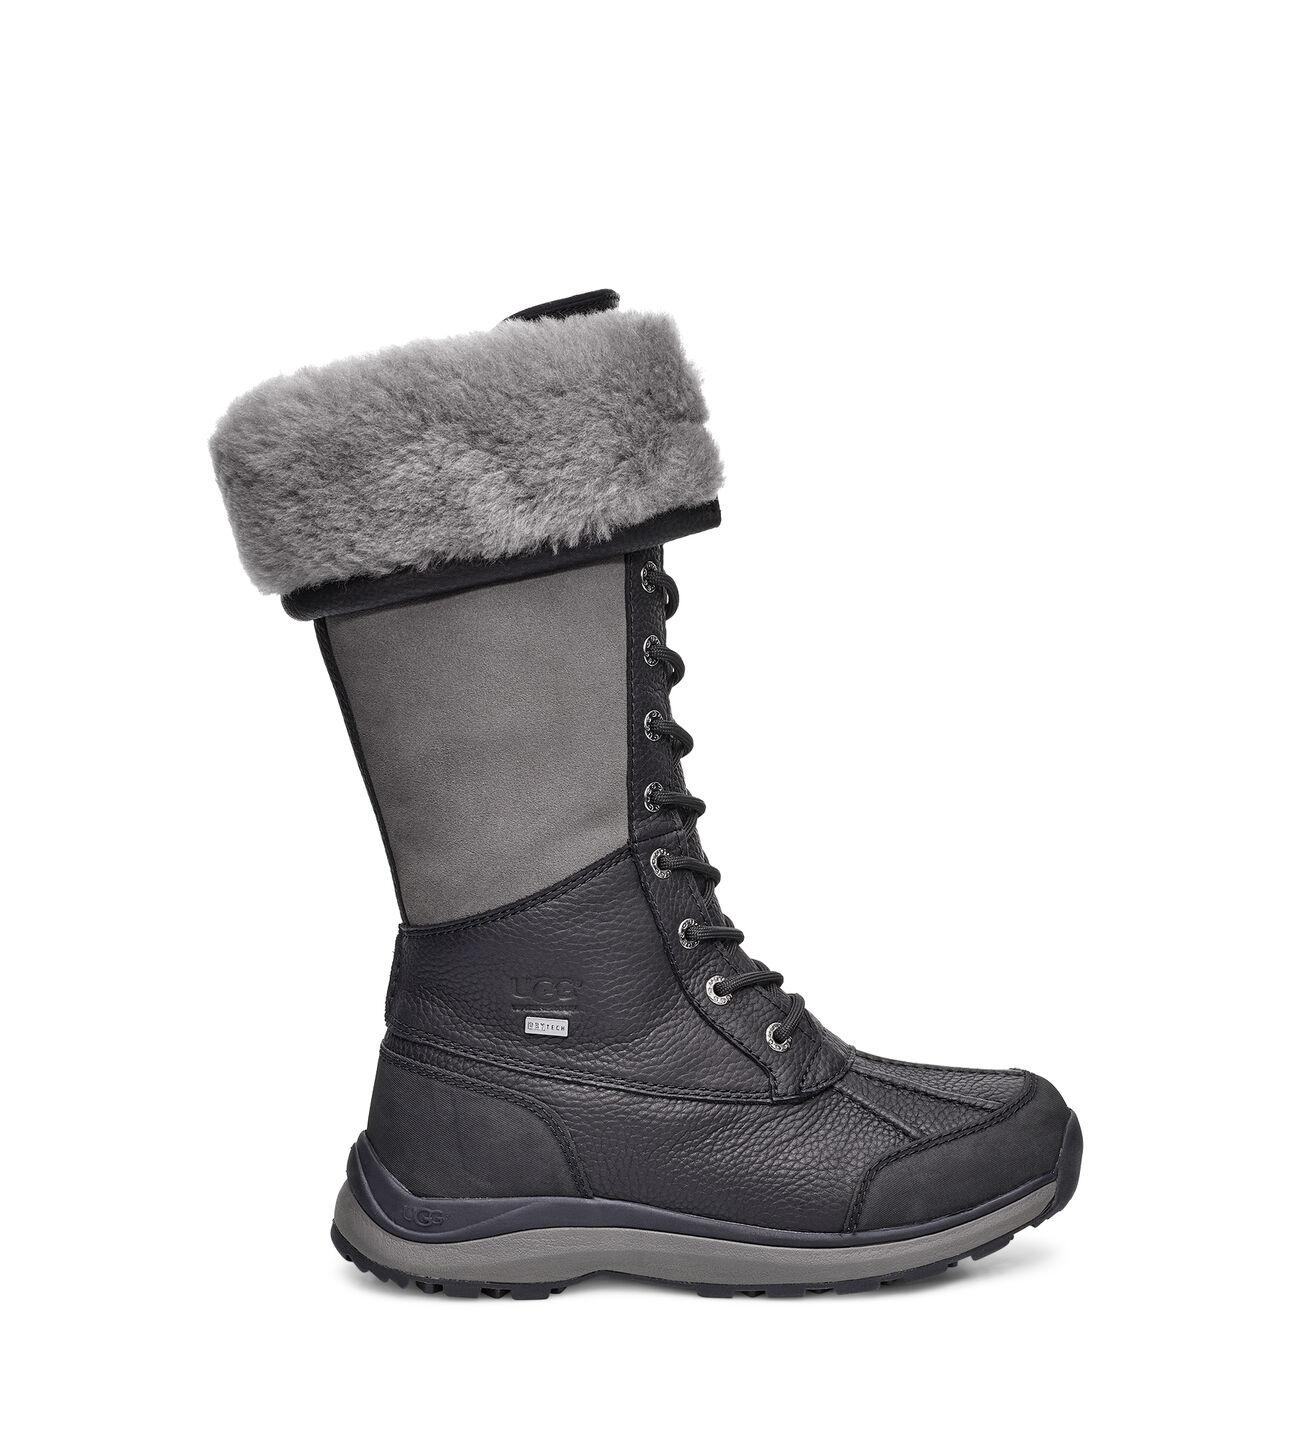 4f92c24d6 Adirondack III Tall Boot